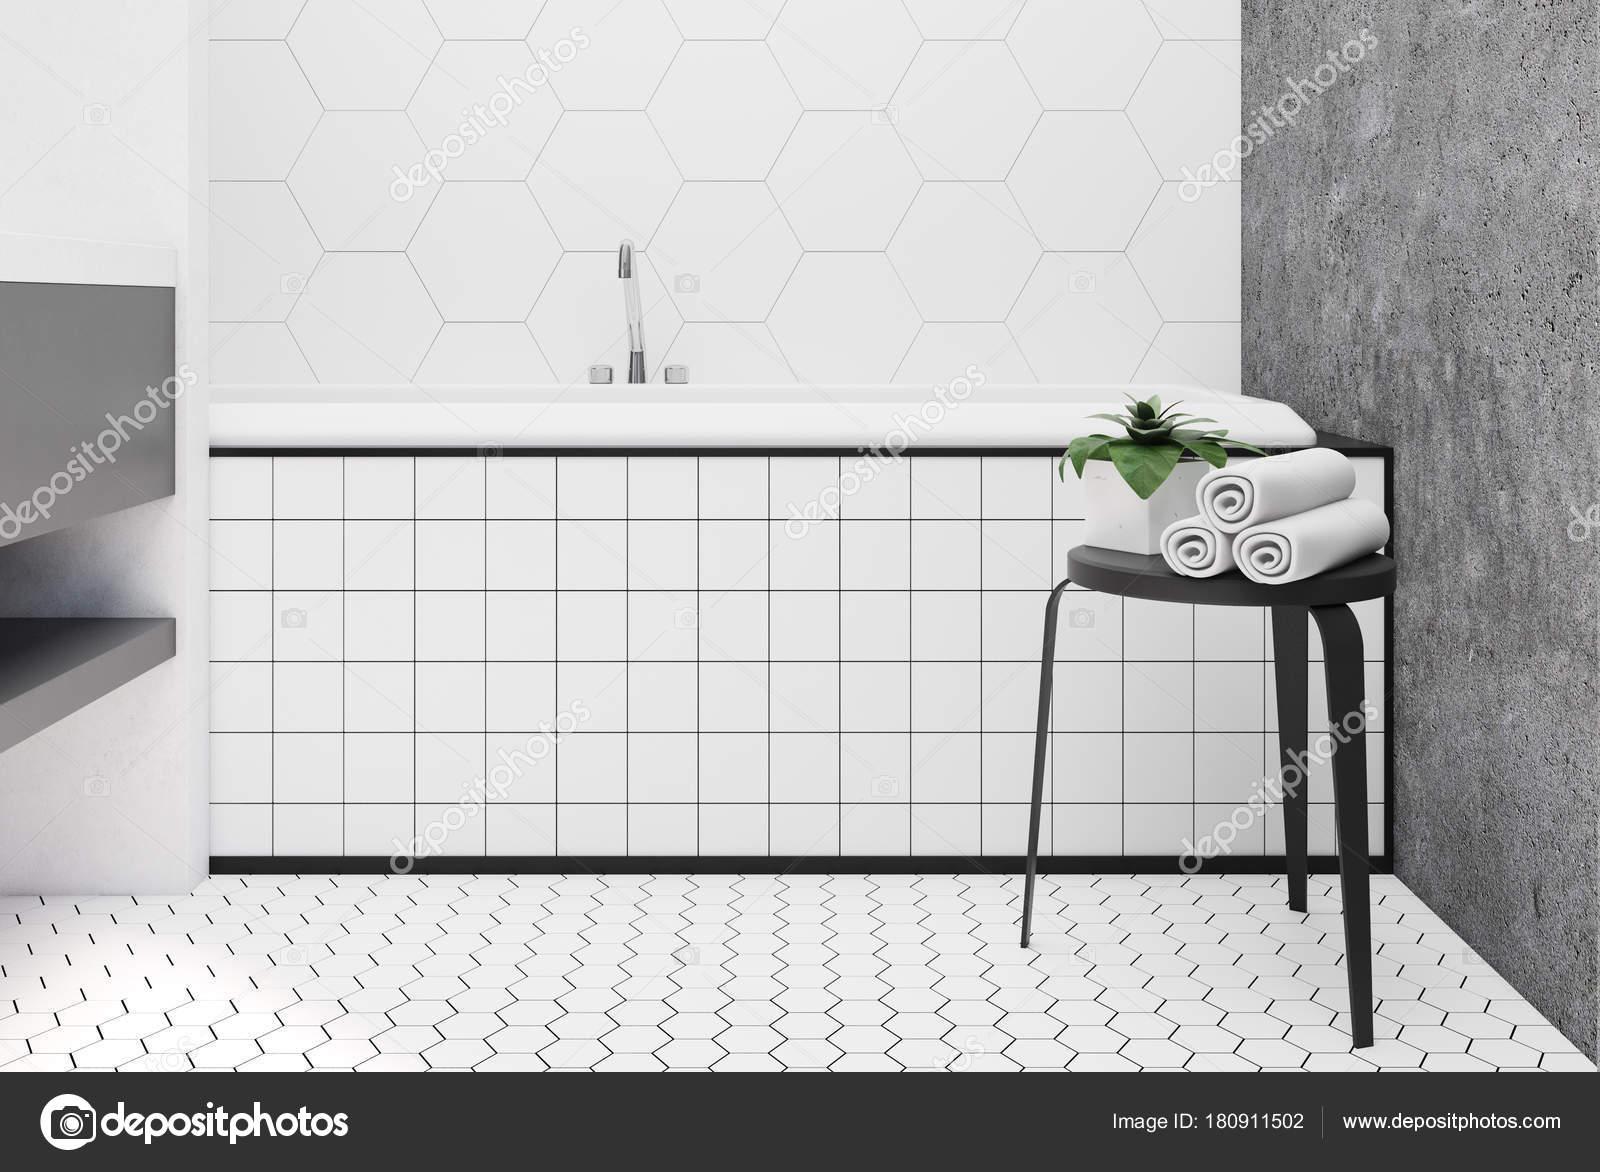 Bagno rivestito di piastrelle esagonali vasca chiuda u foto stock